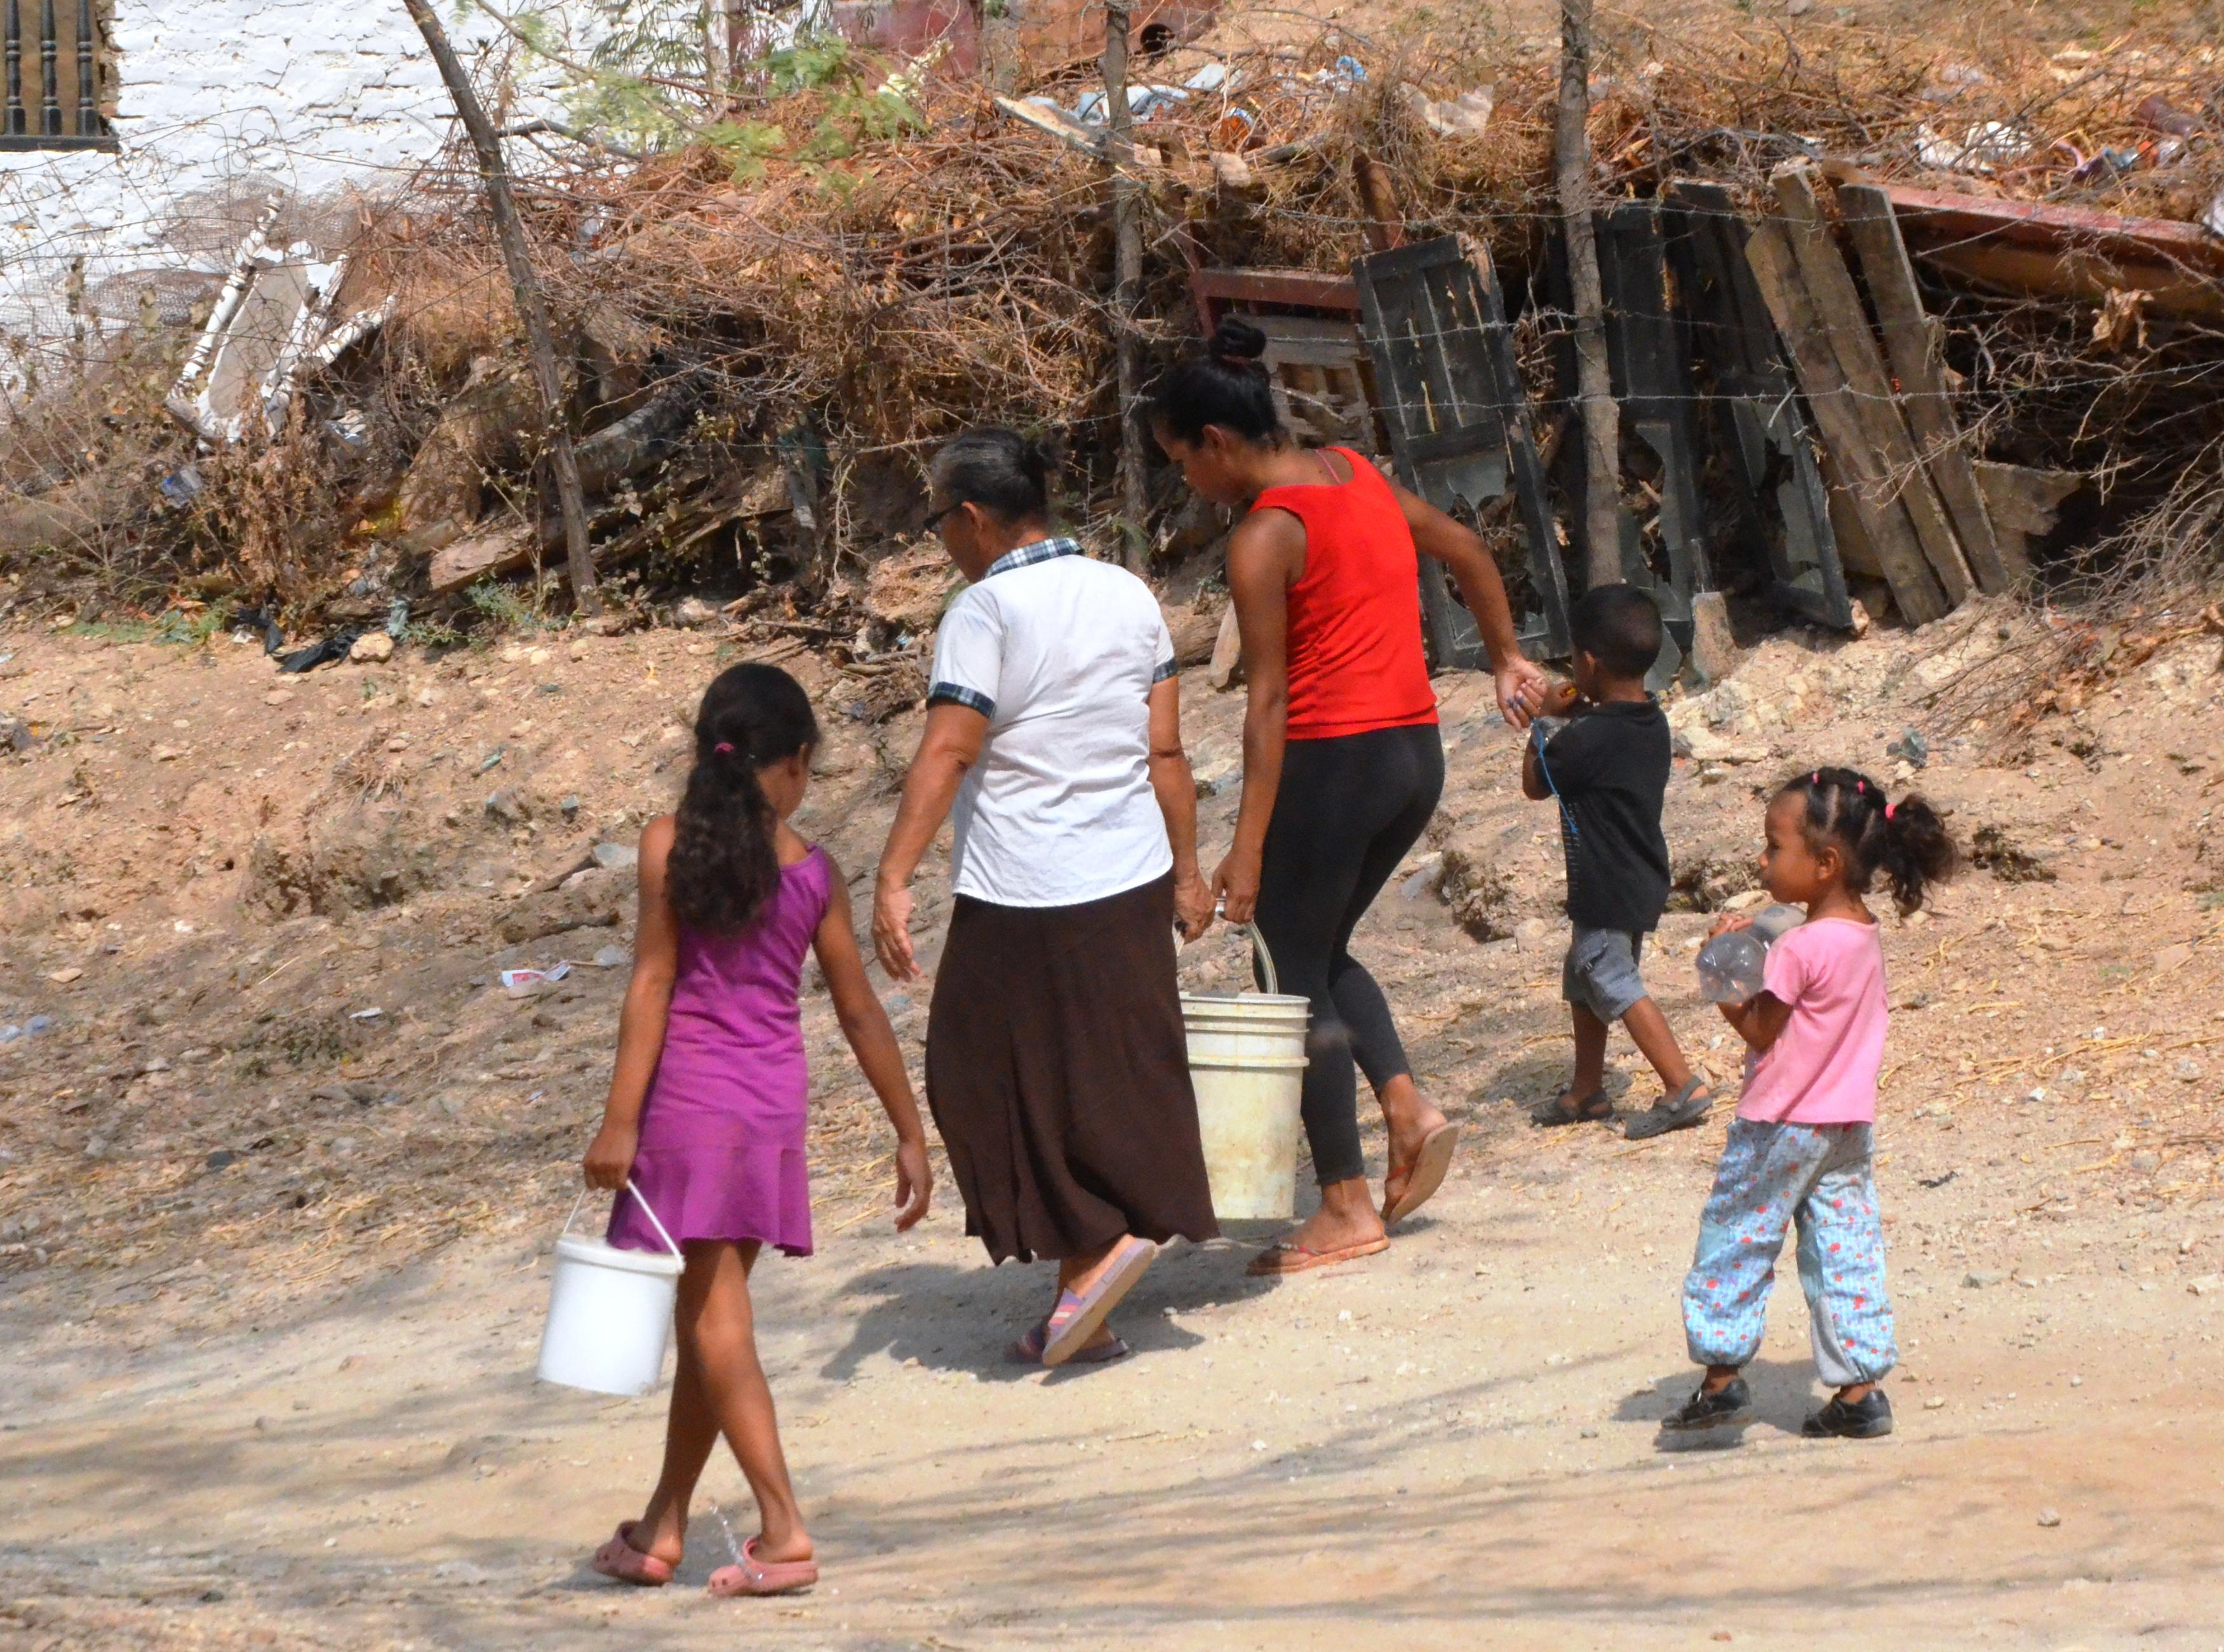 No hay límite de edad a la hora de recoger agua. El abastecimiento es cuestión de familia.